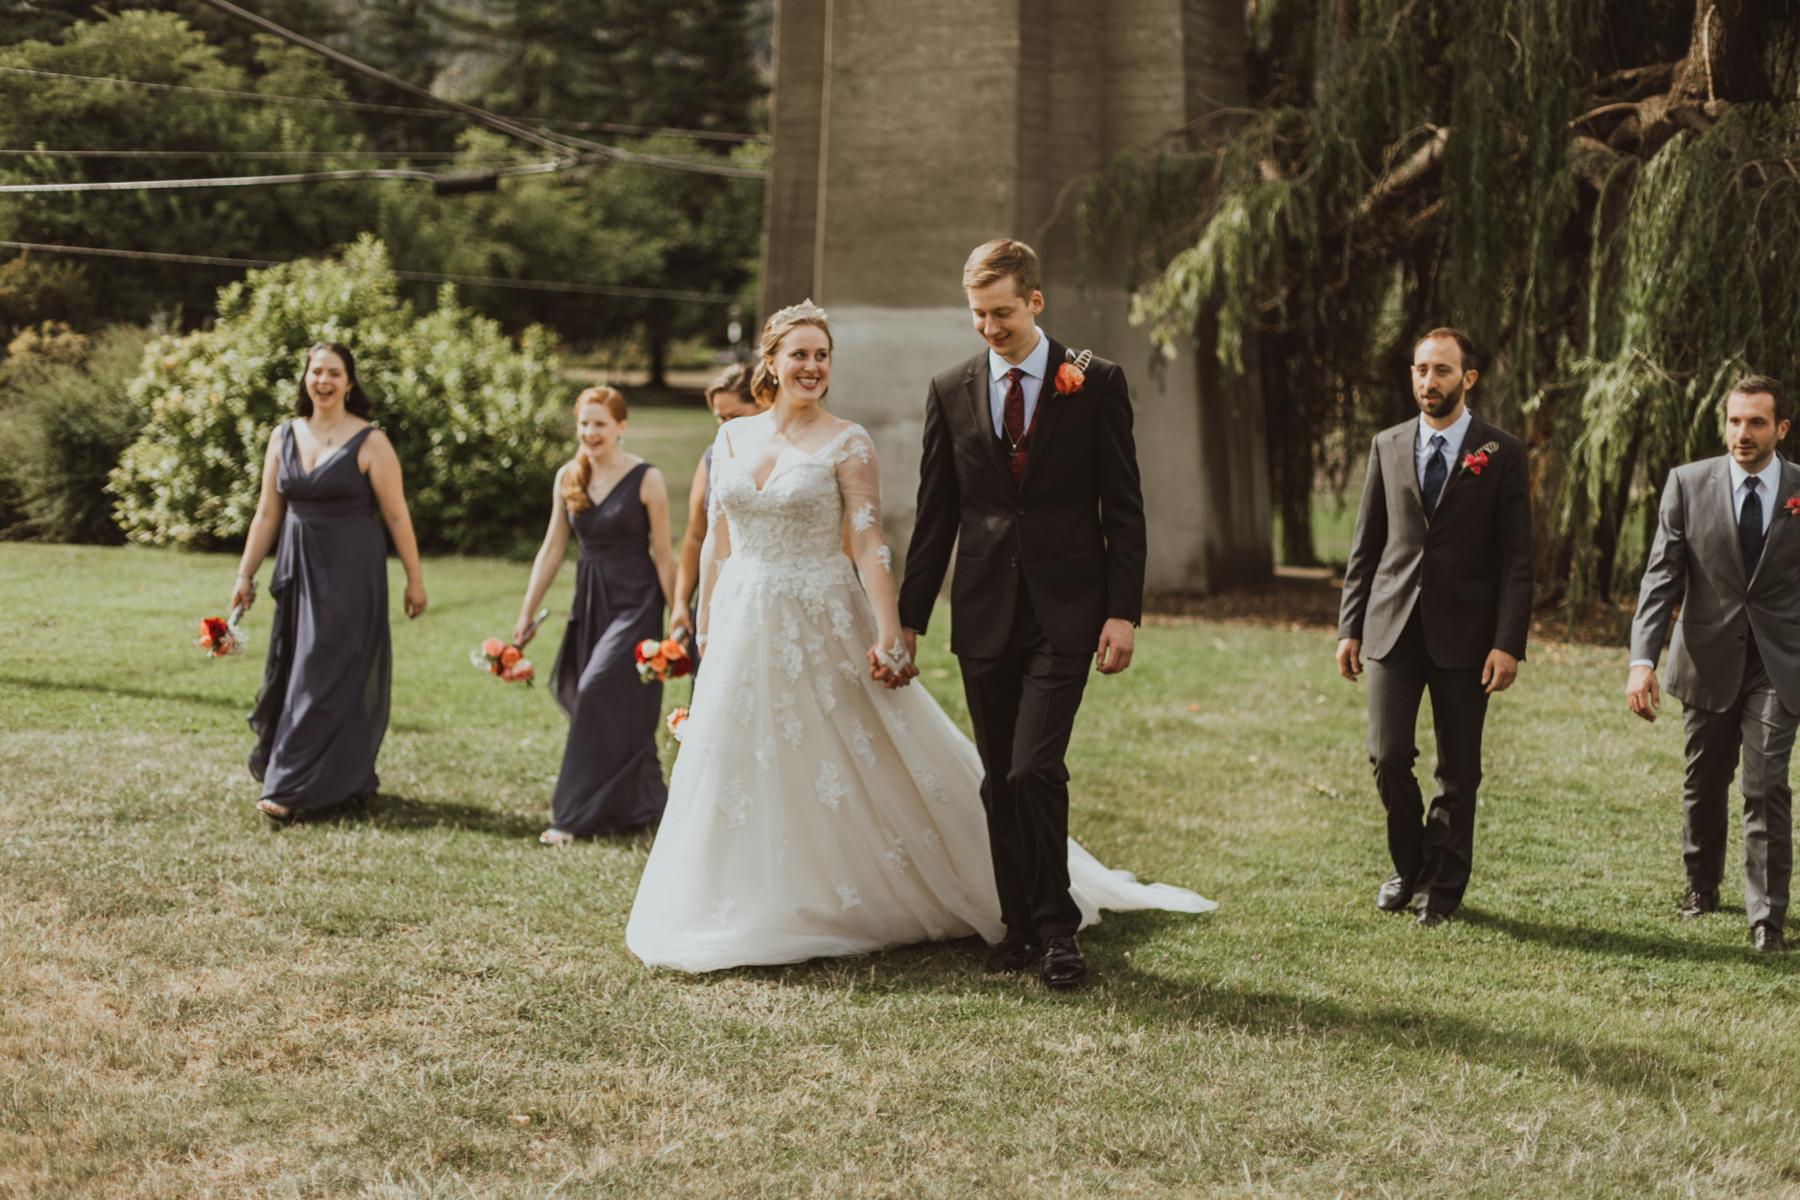 WB 09.08.18   Robinson Wedding 0077.JPG